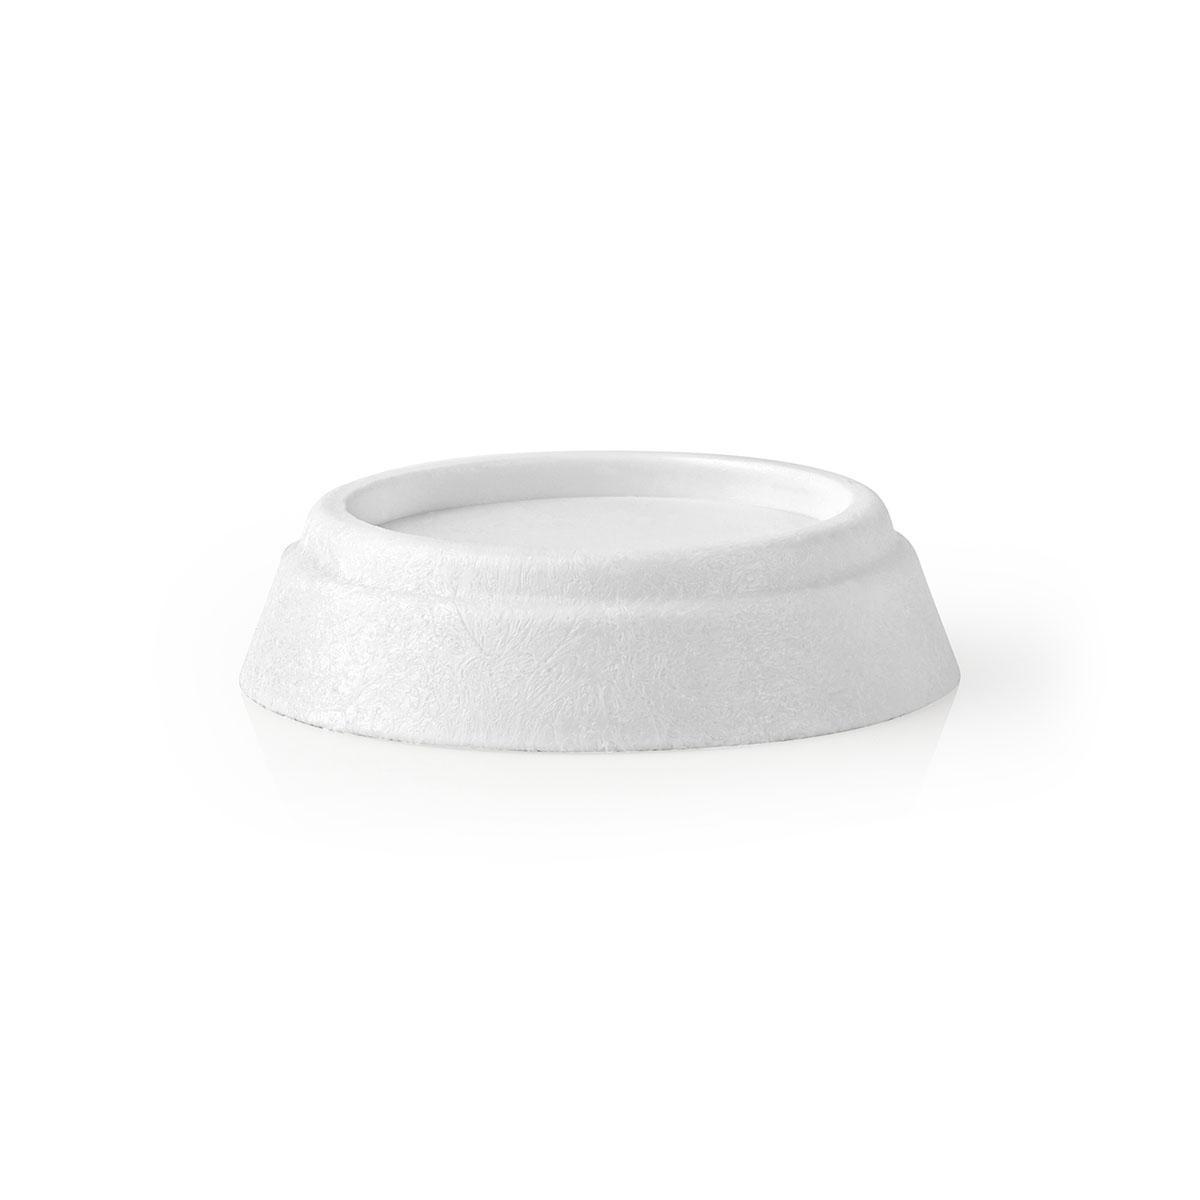 KOMA Antivibrační podložky pod pračku - 4ks v balení